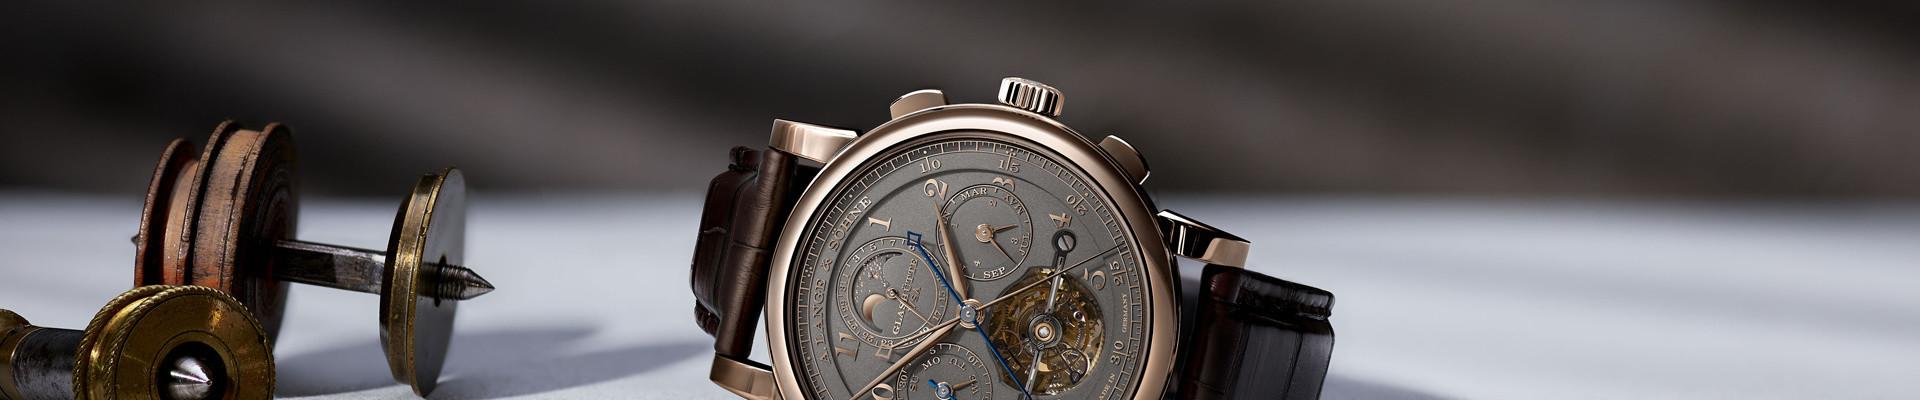 Horloges Leon Martens Juwelier